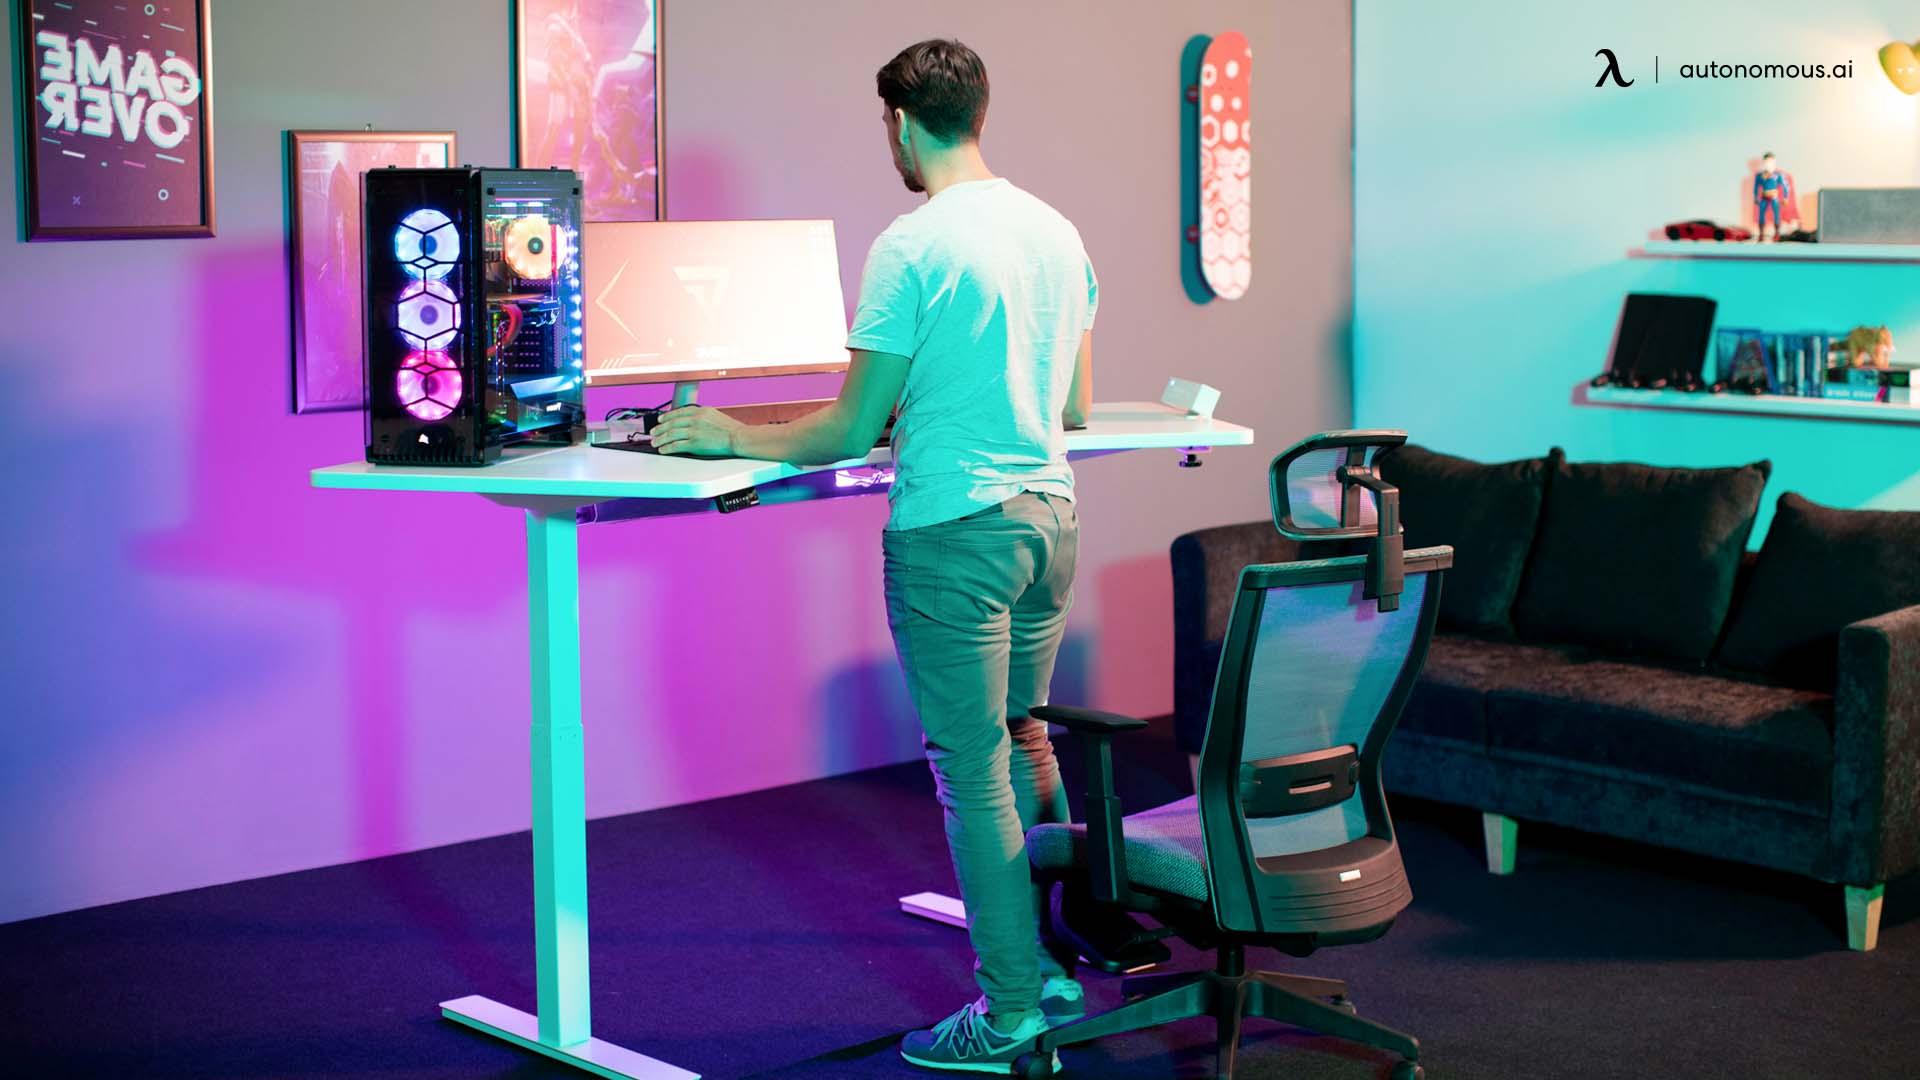 gaming environment